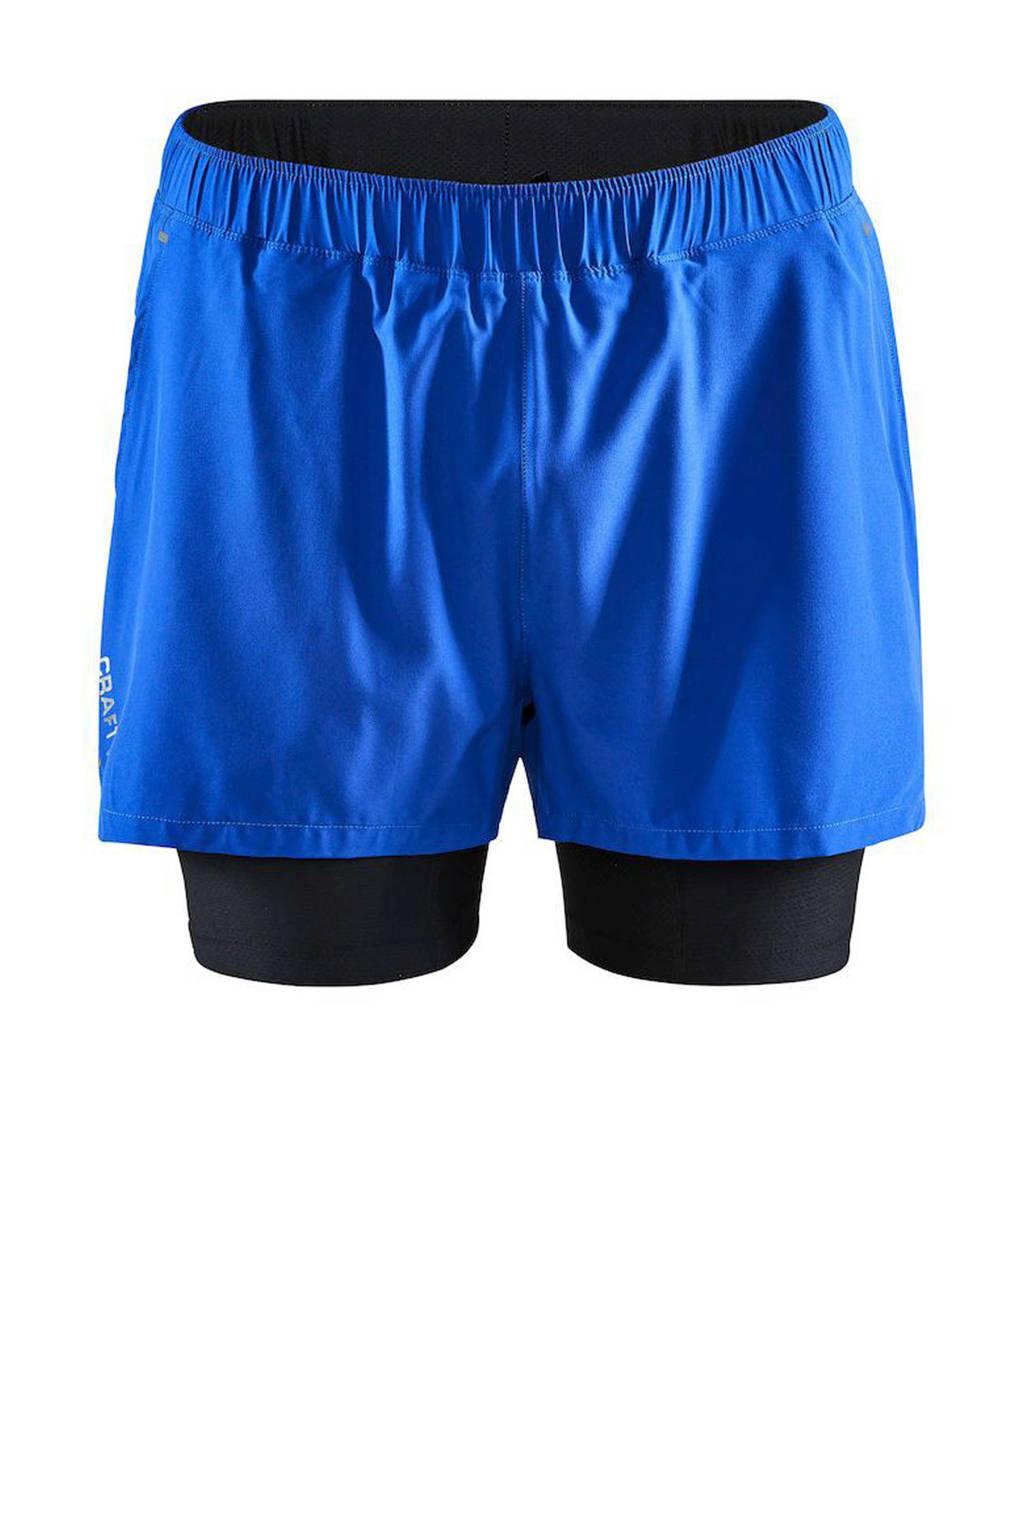 Craft   2-in-1 sportshort blauw/zwart, Blauw/zwart